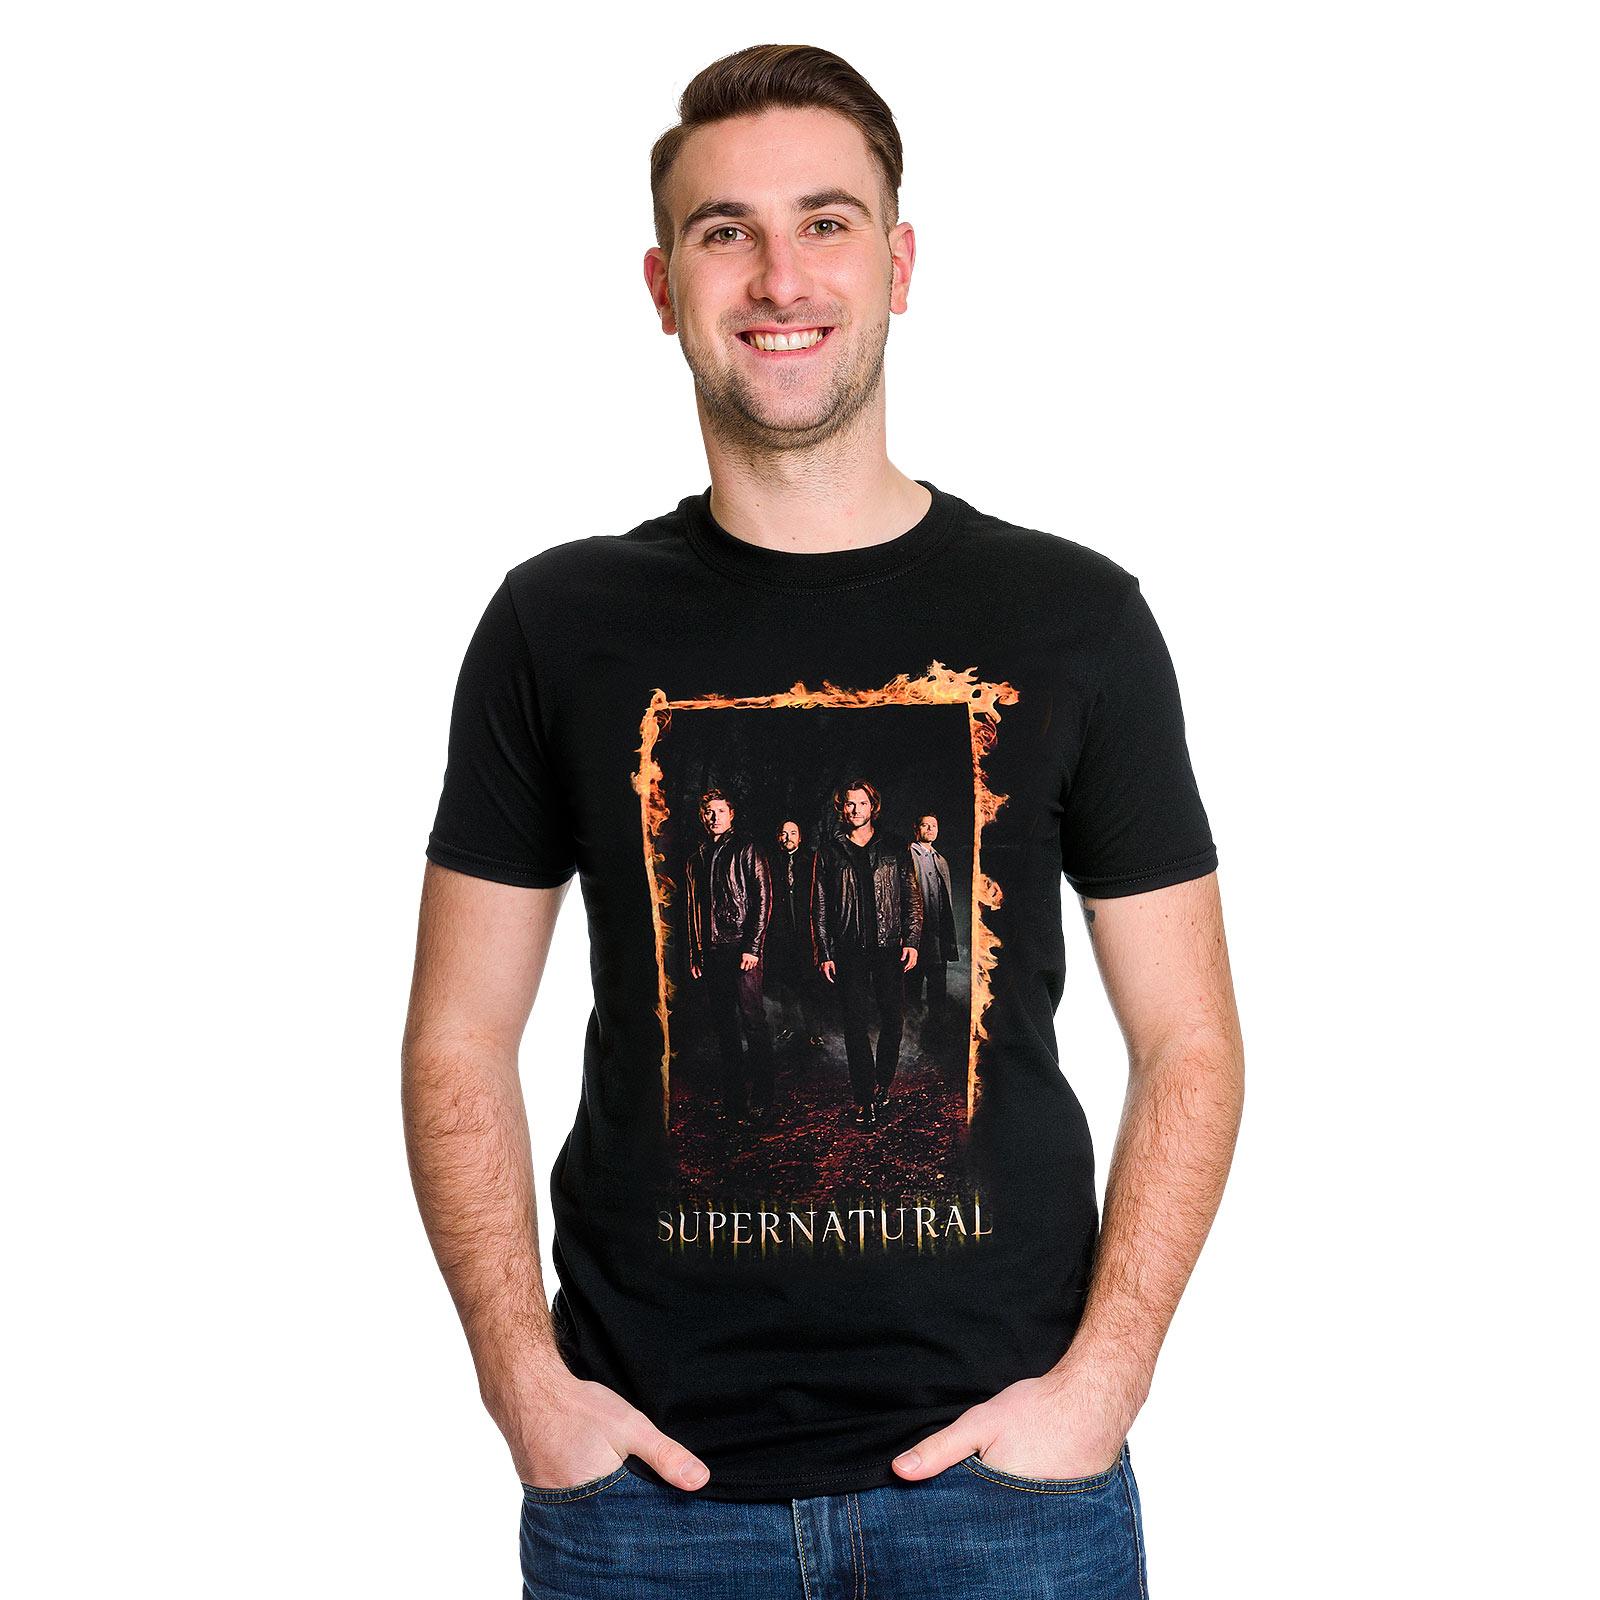 Supernatural - Burning Gate Poster T-Shirt schwarz